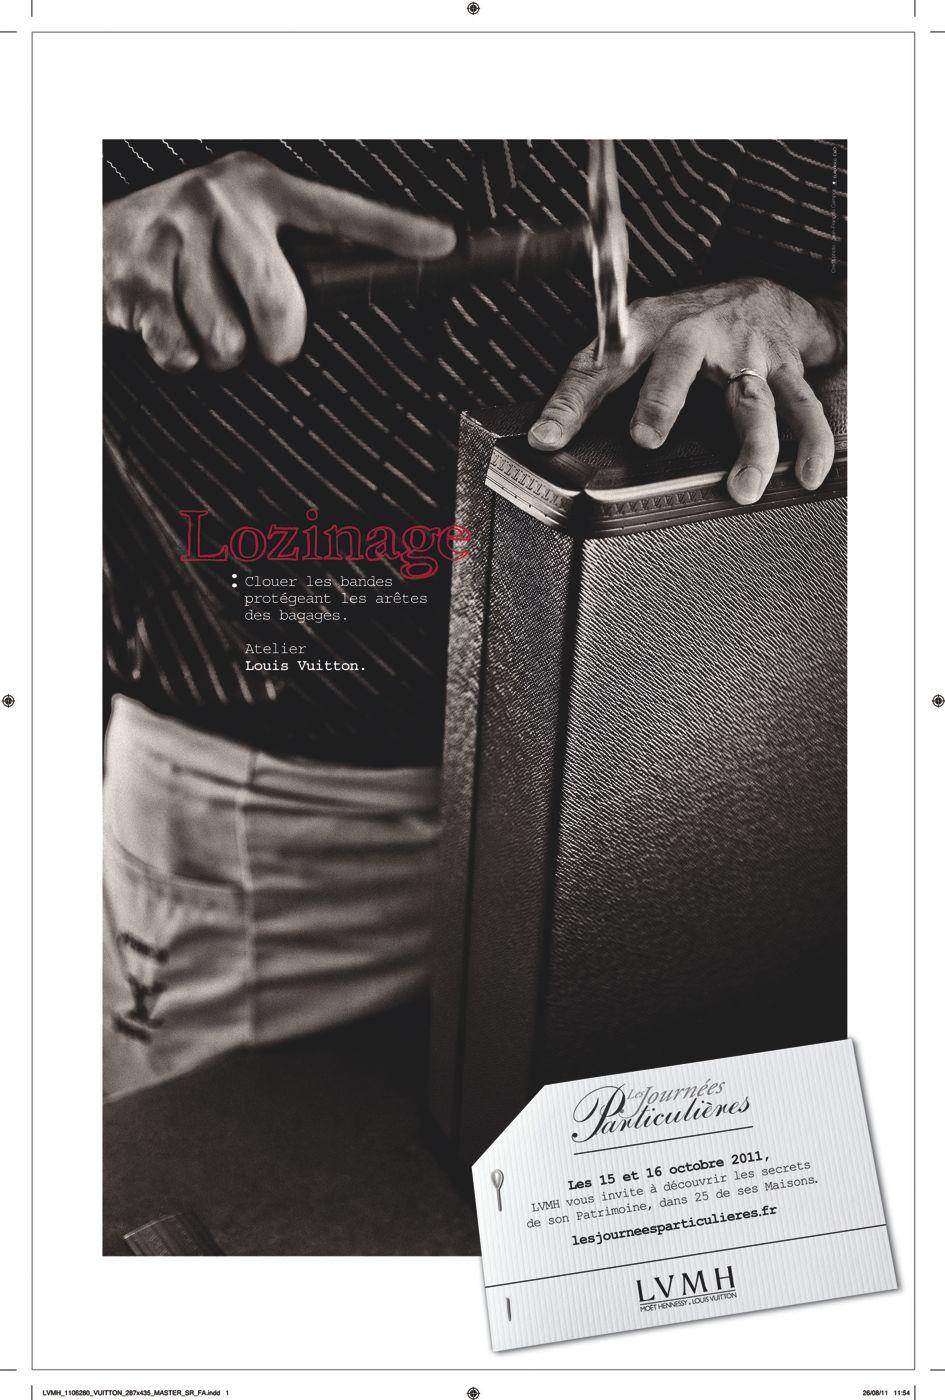 Louis Vuitton - Les Journées Particulières